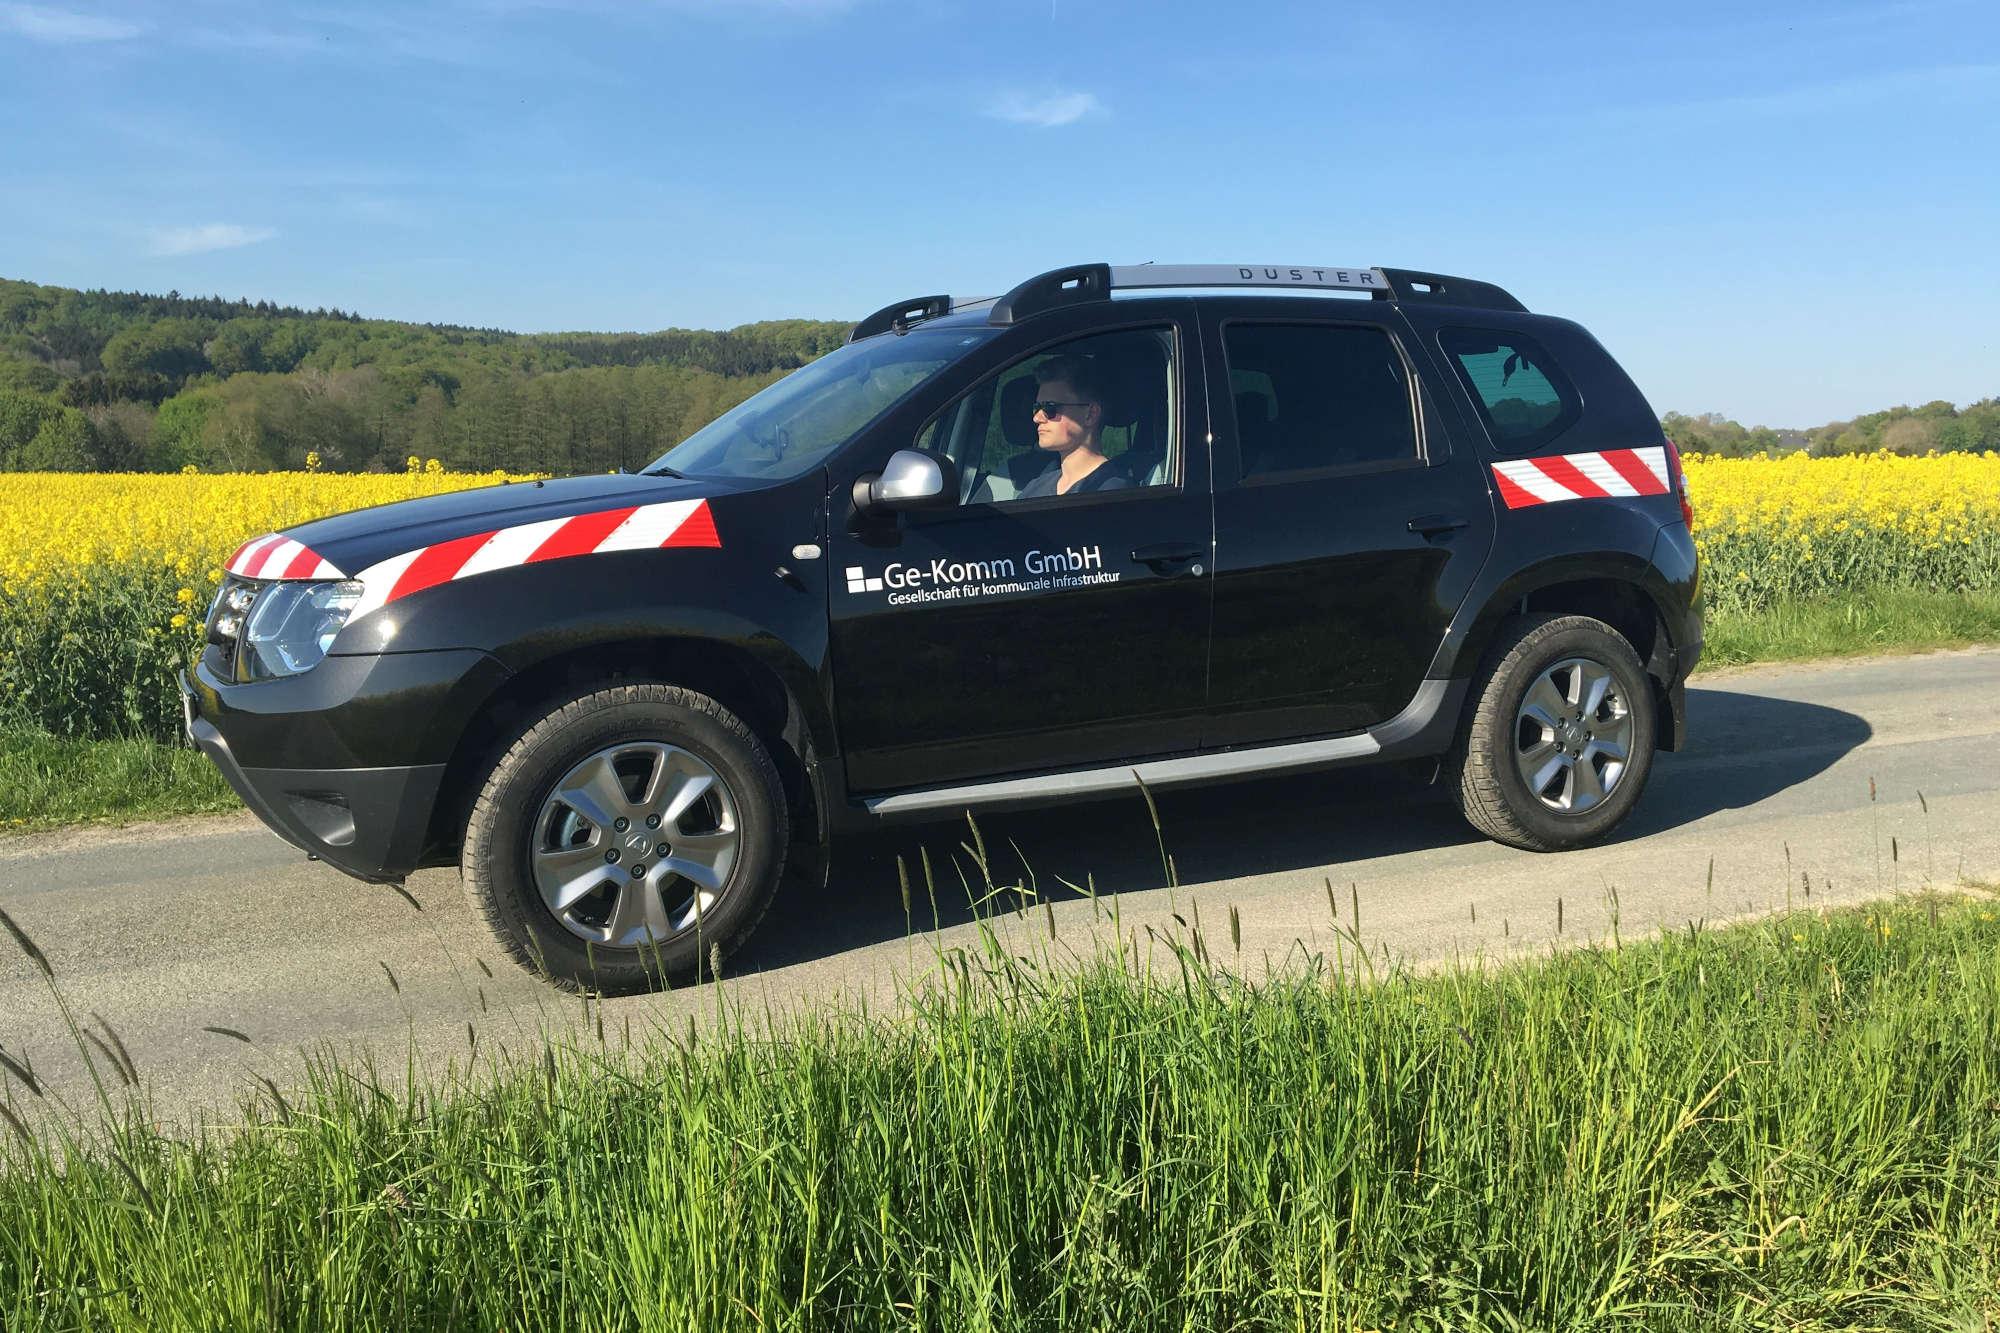 Mit diesen Geländewagen werden die Wirtschaftswege in Hamm abgefahren. (Foto: Stadt Hamm)